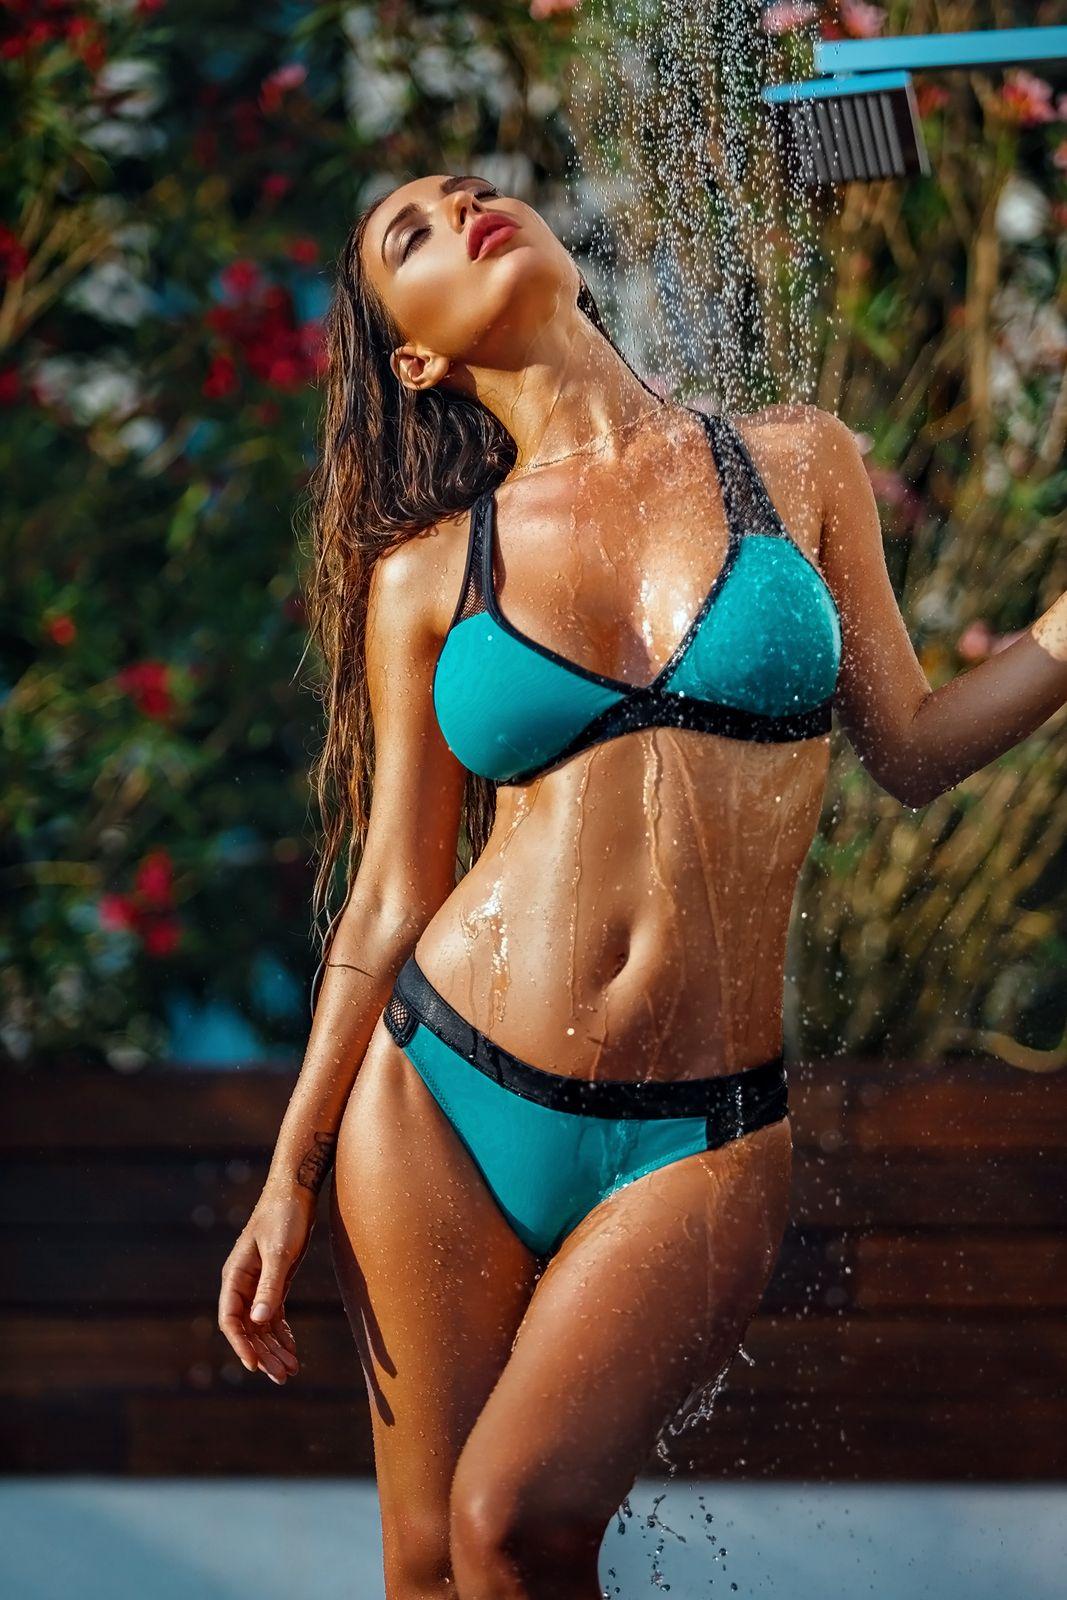 Hot wet bikini model